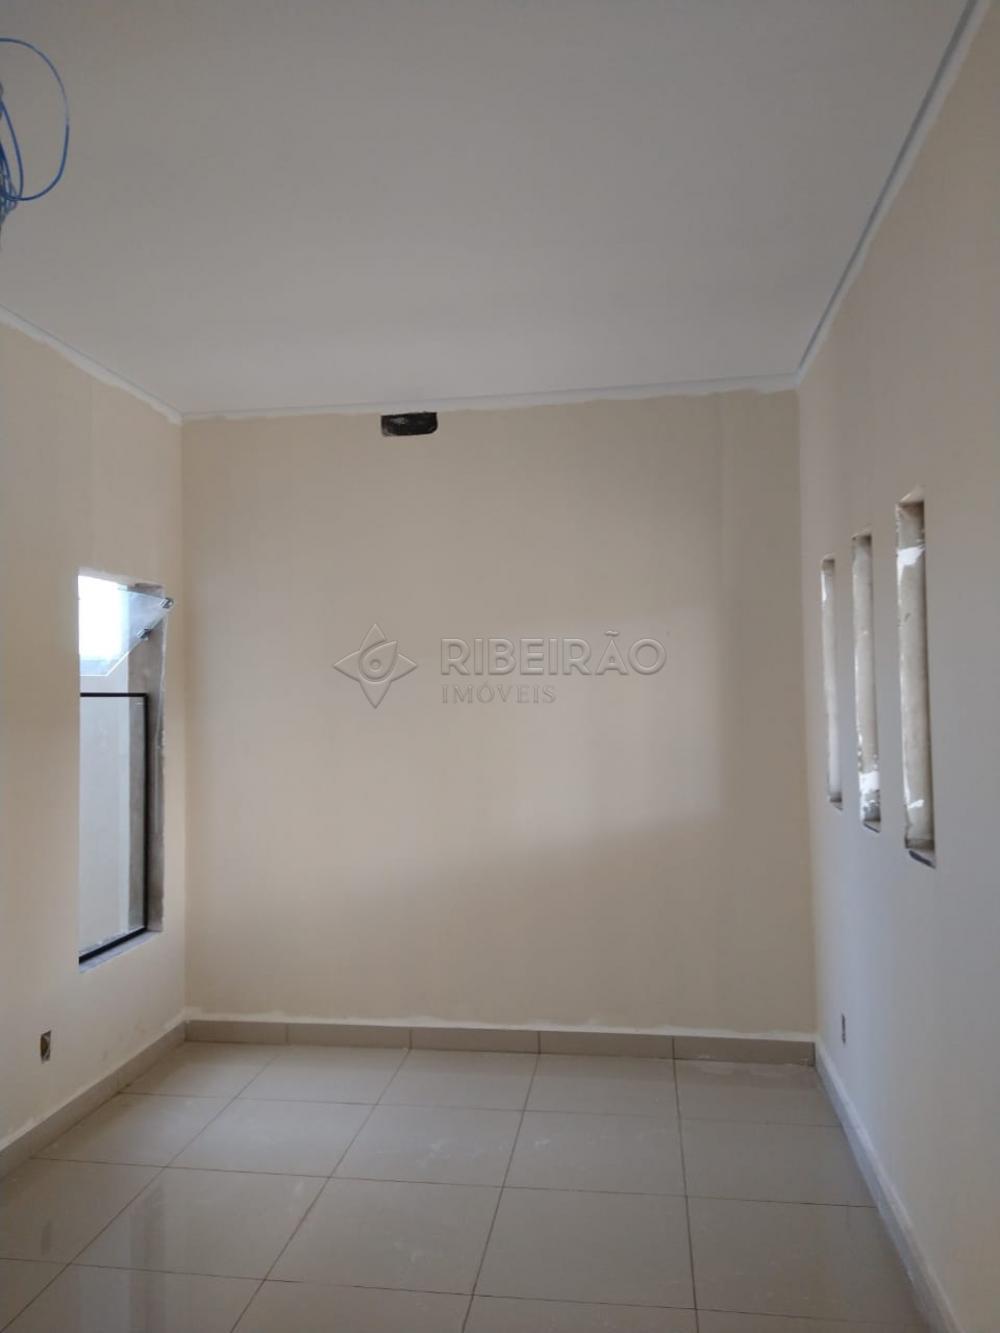 Comprar Casa / Condomínio em Bonfim Paulista apenas R$ 635.000,00 - Foto 10